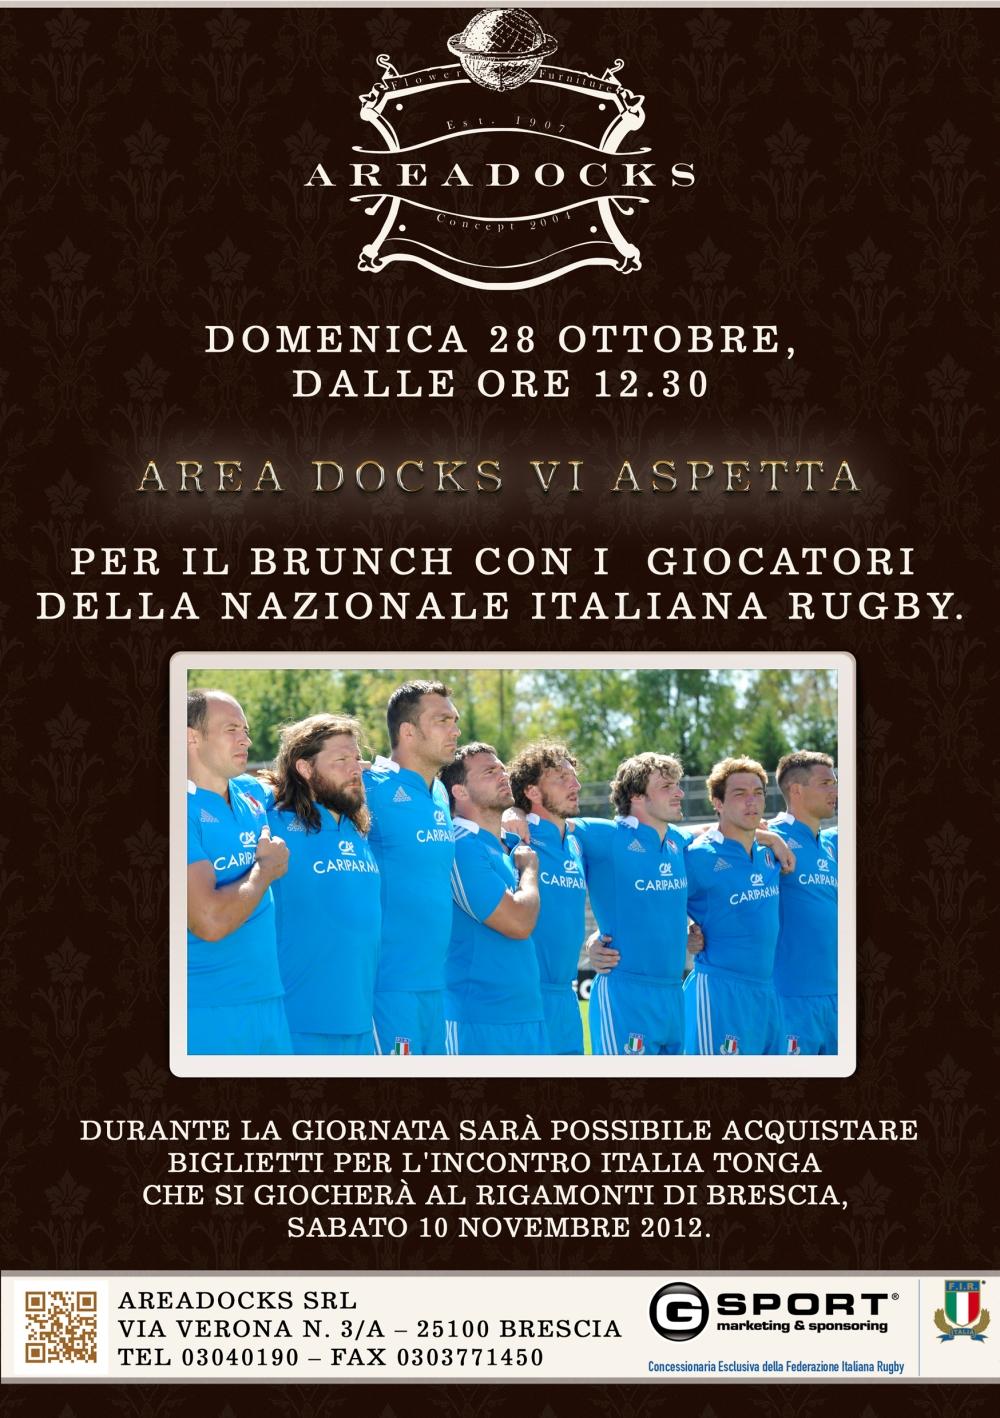 Areadocks Italia - Tonga DOMENICA 28 OTTOBRE BRESCIA